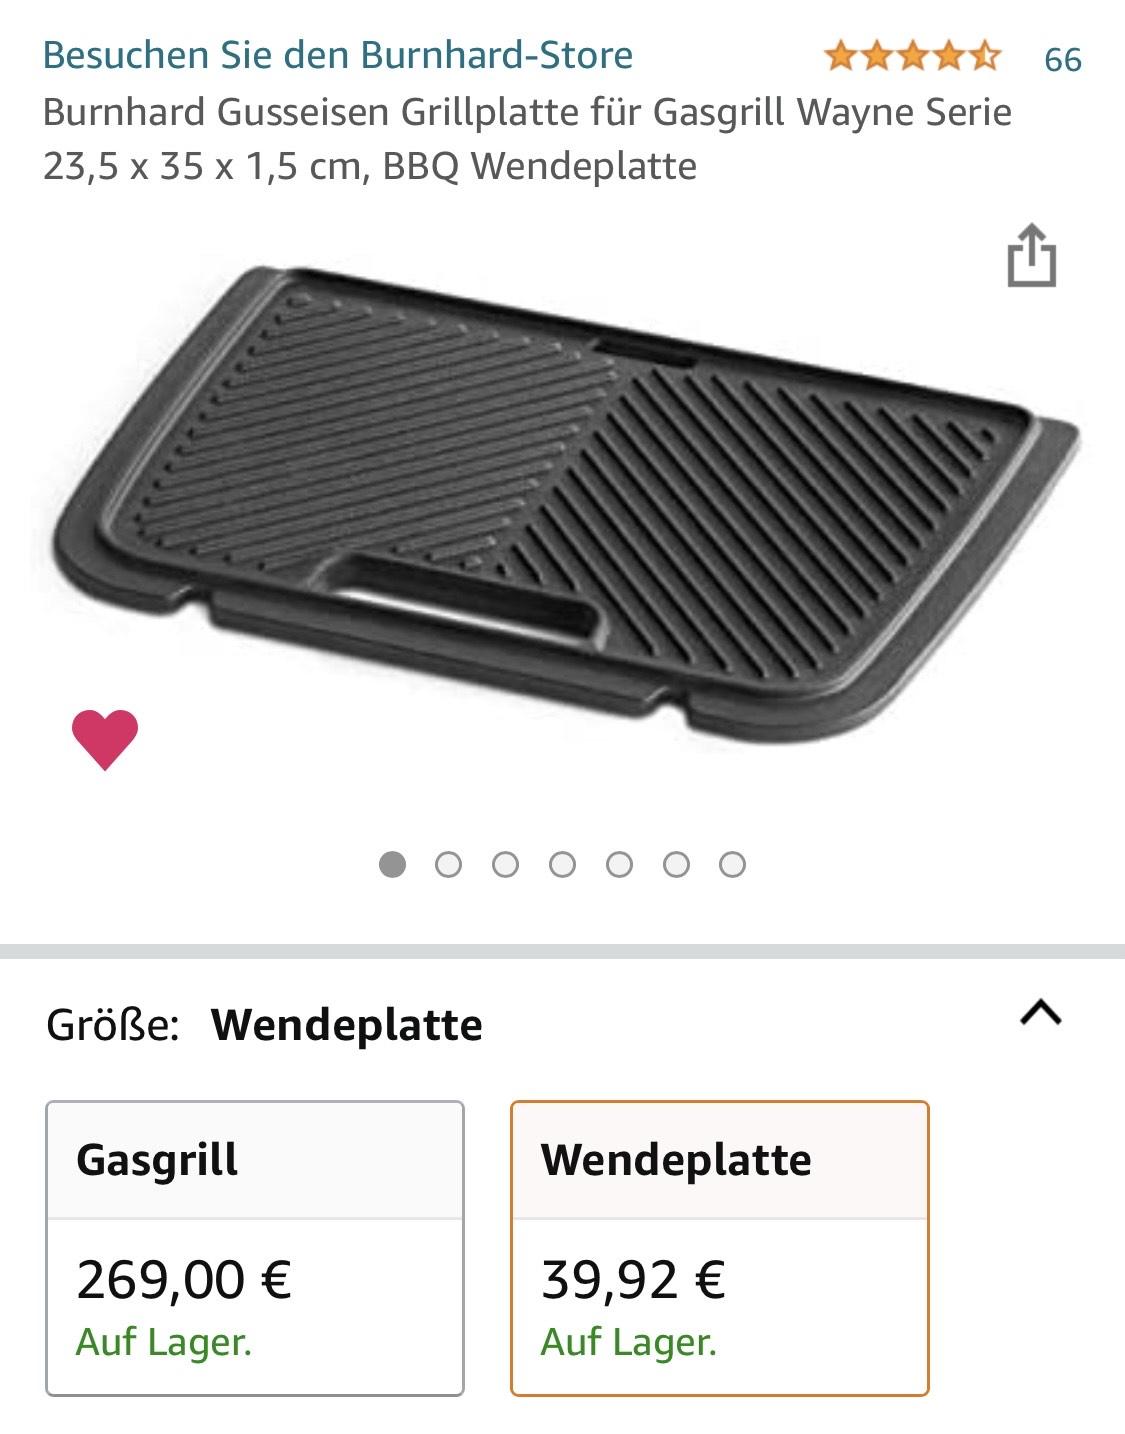 Burnhard Gusseisen Grillplatte für Gasgrill Wayne